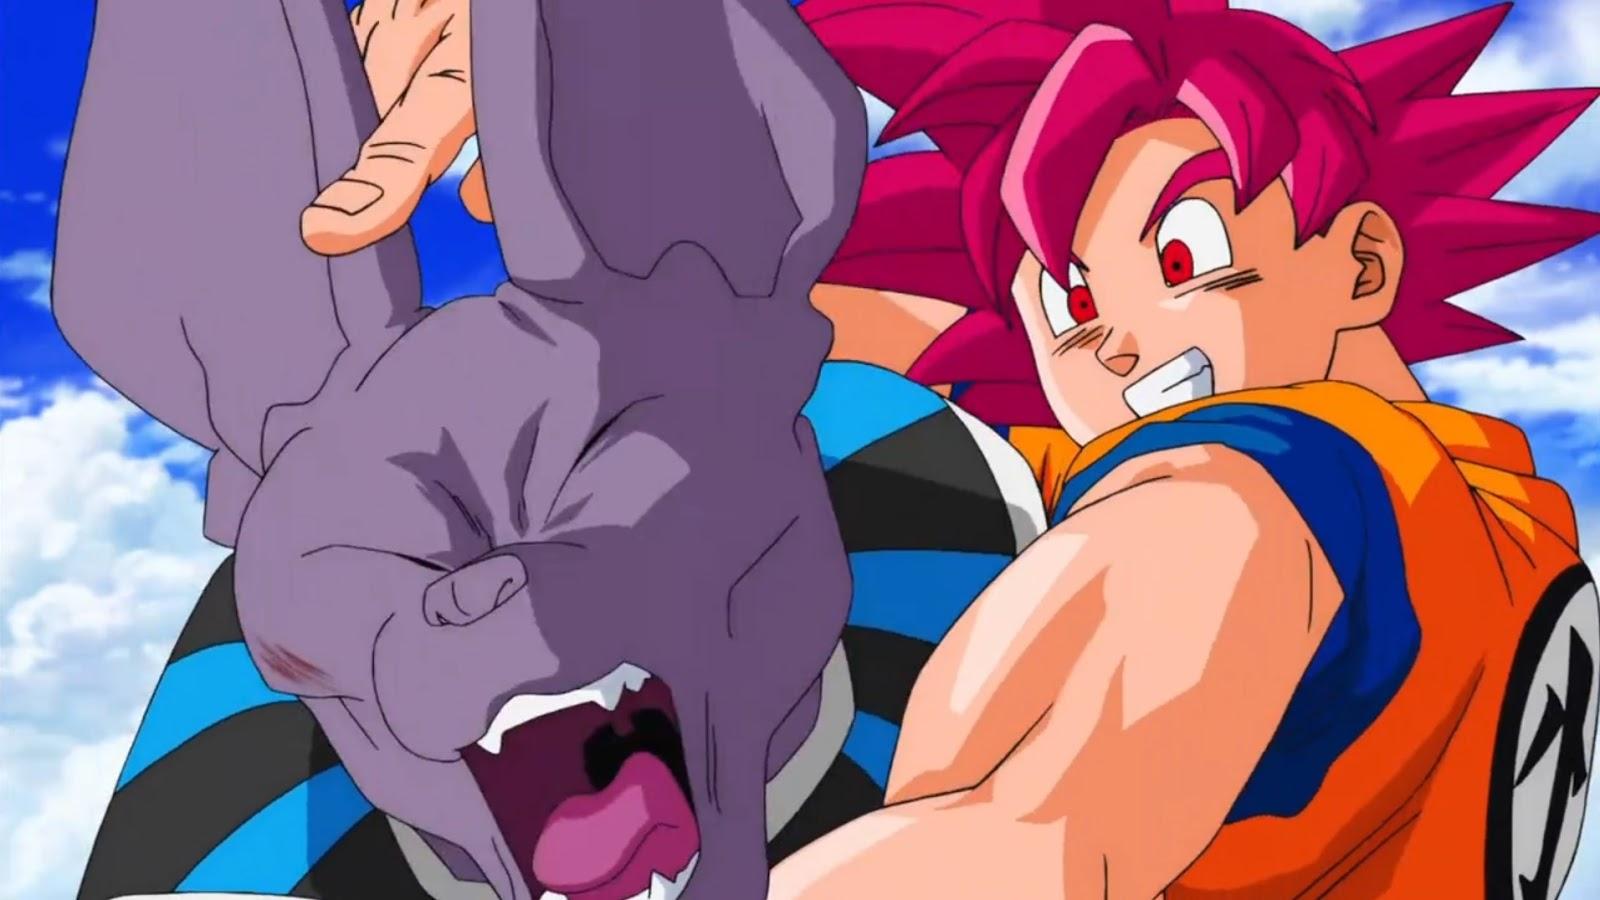 Dragon Ball Super Dublado Episódio 10, Assistir Dragon Ball Super Dublado Episódio 10, Dragon Ball Super Dublado , Dragon Ball Super Dublado - Episódio 10